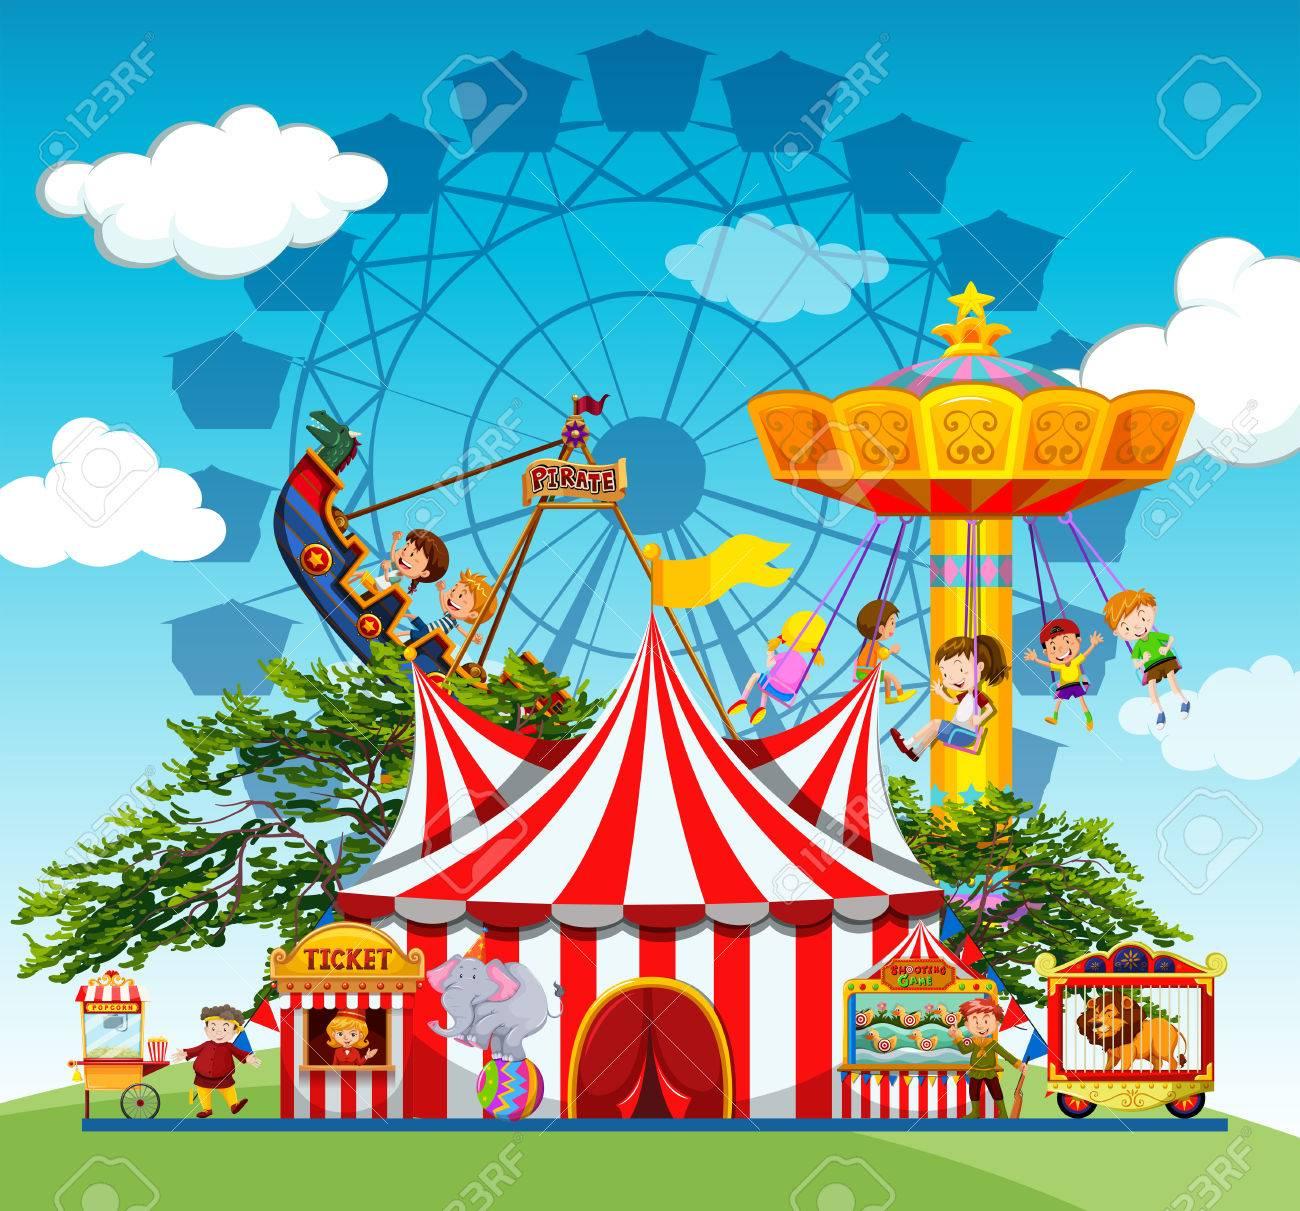 子供と遊園地イラストの人々のイラスト素材ベクタ Image 48902202